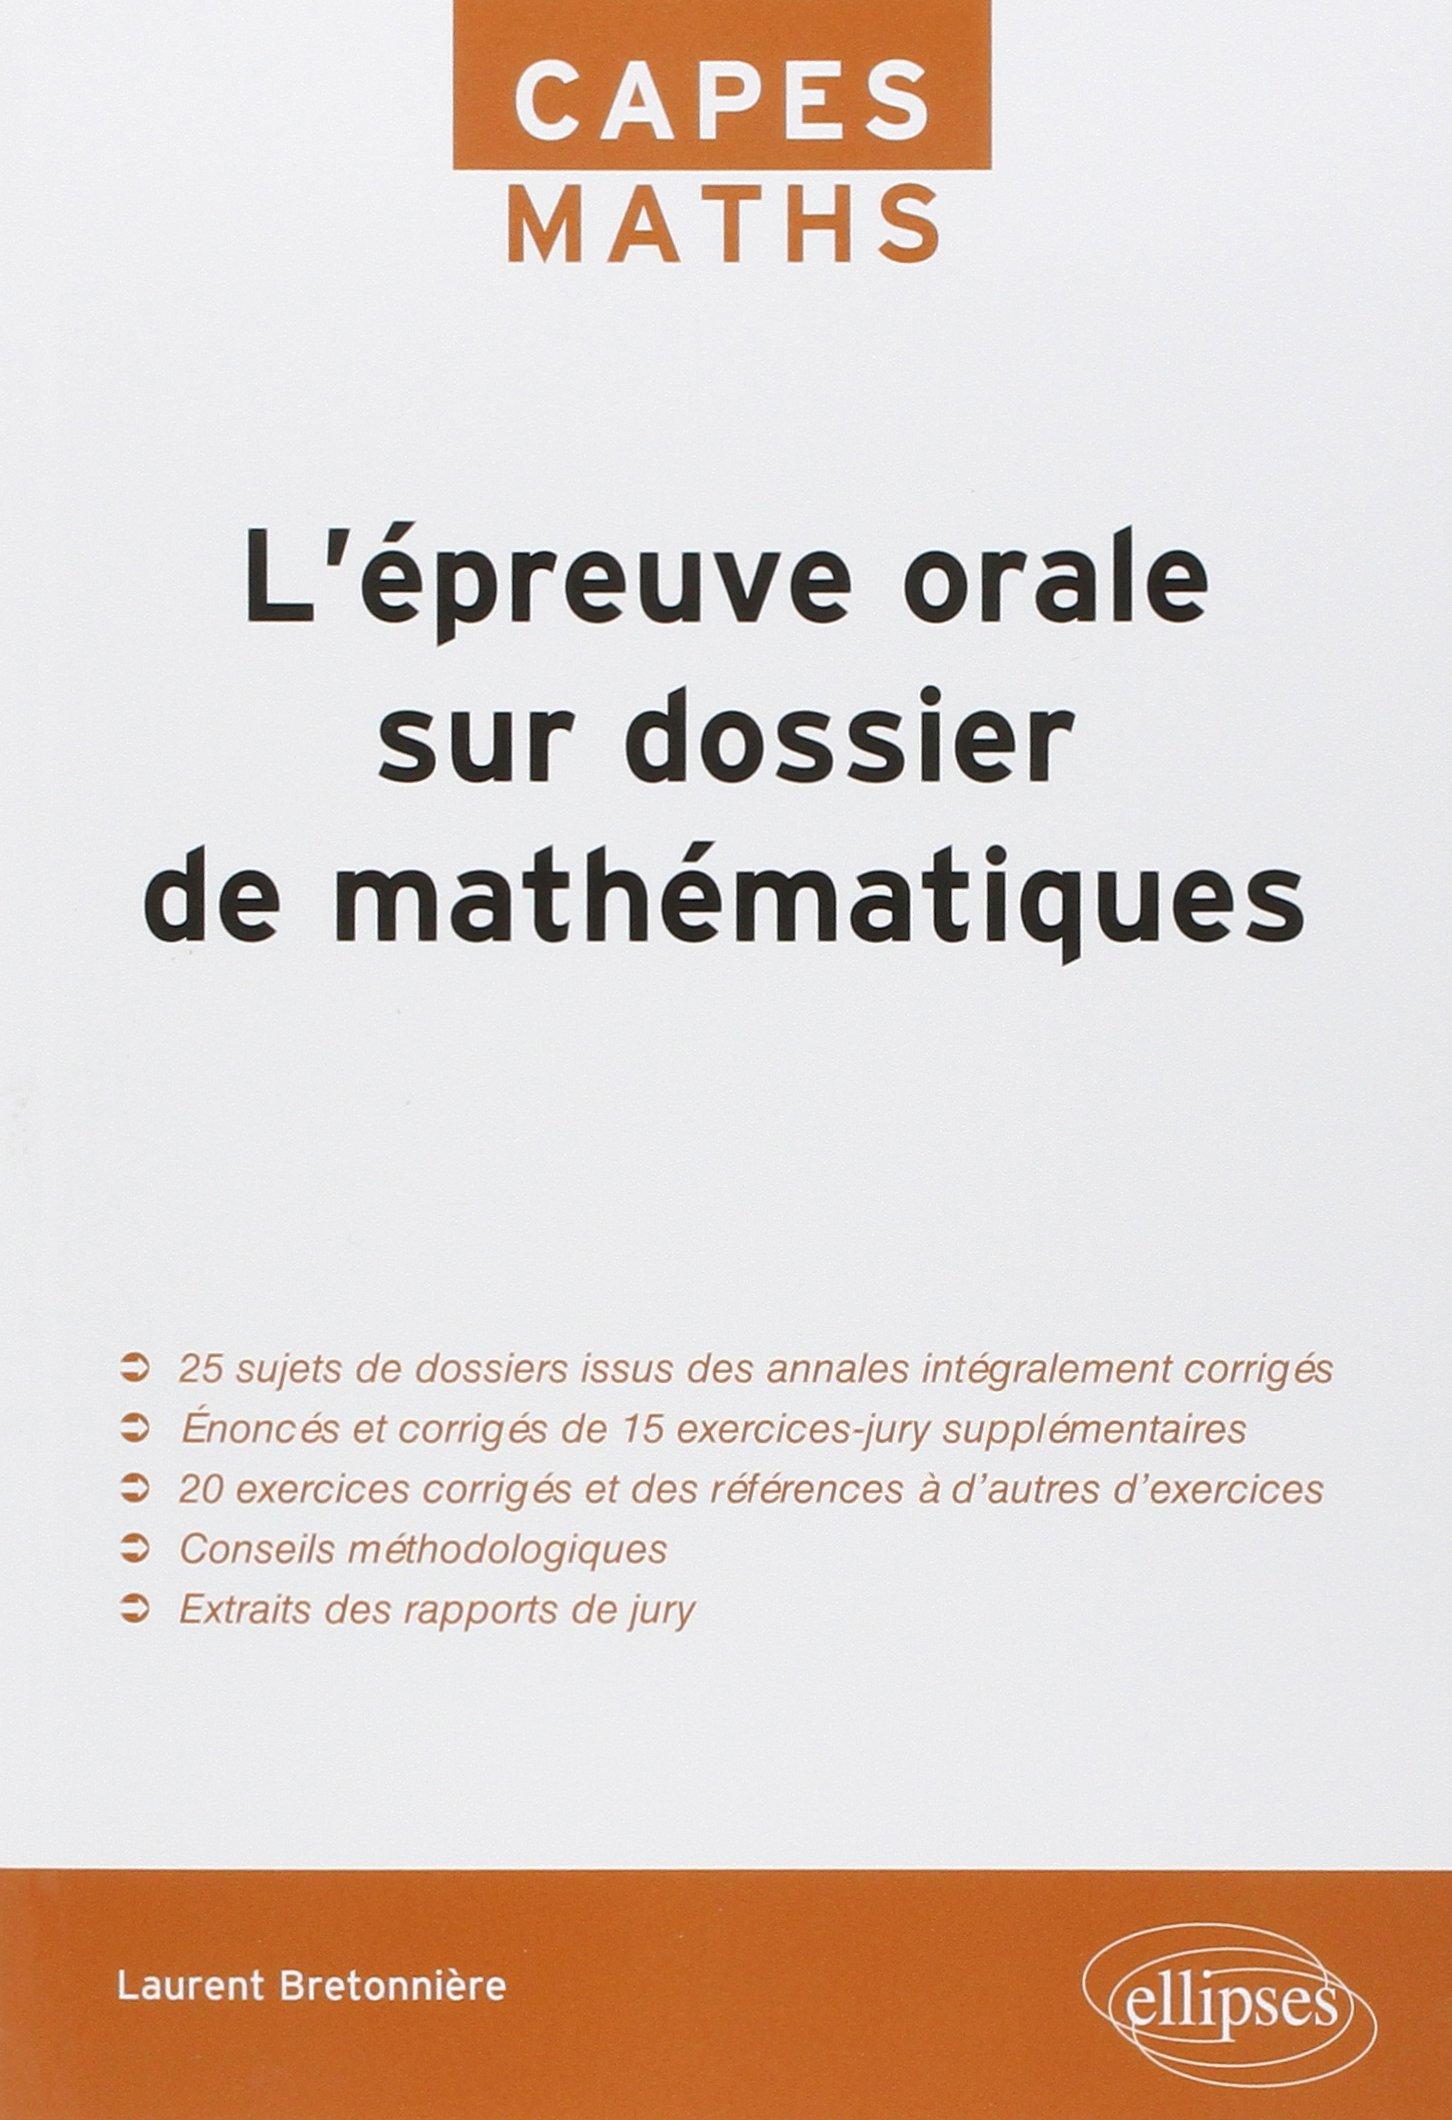 Lépreuve orale sur dossier de mathématiques Capes Maths: Amazon.es: Laurent Bretonnière: Libros en idiomas extranjeros